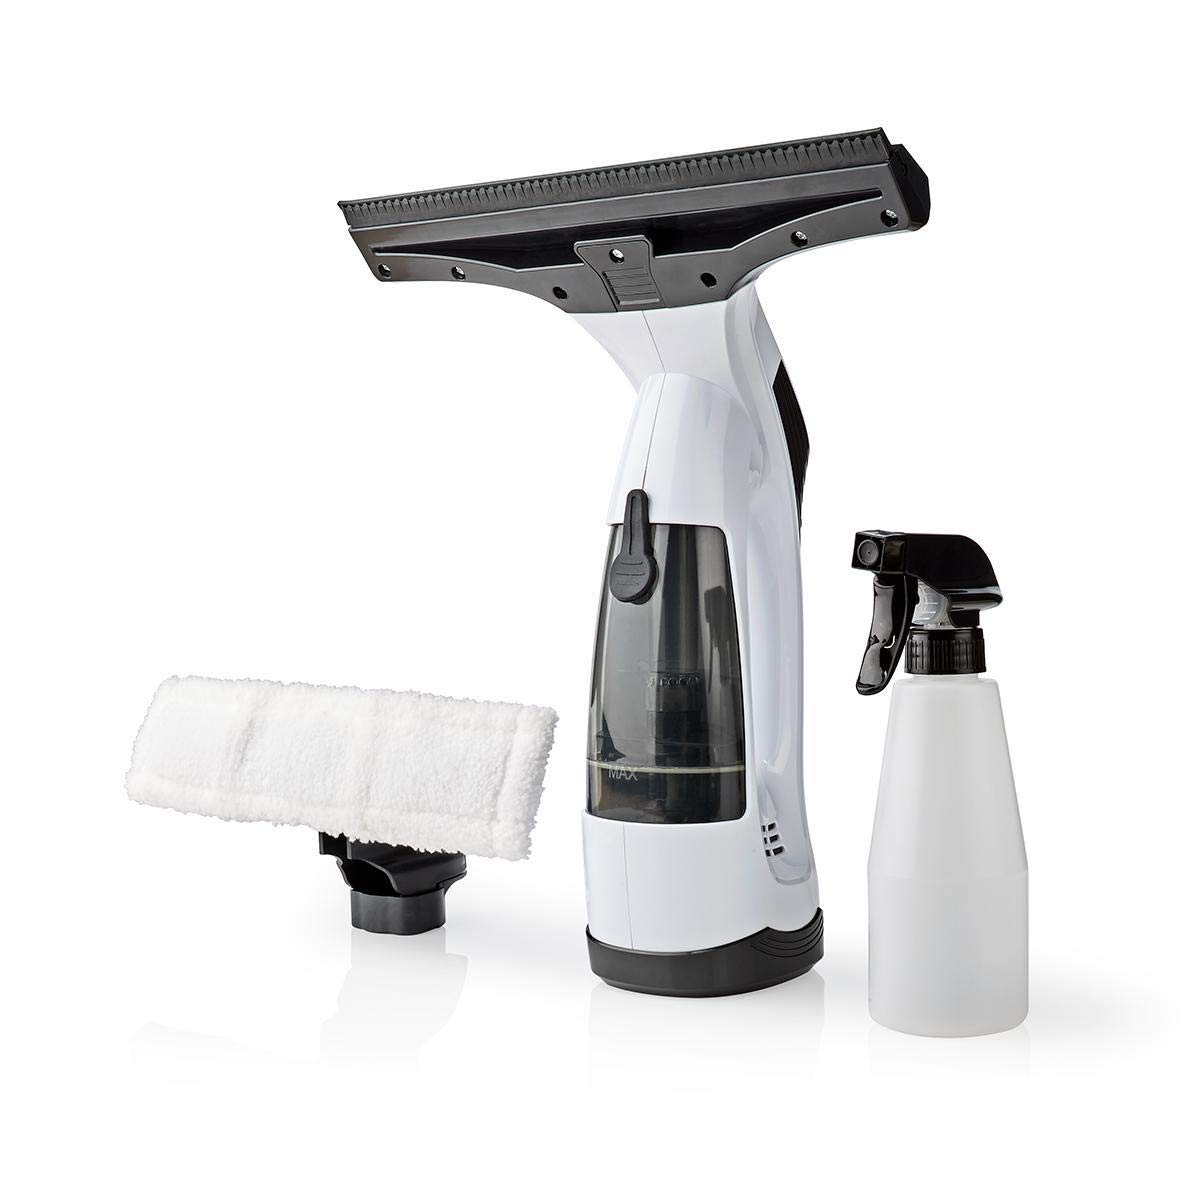 TronicXL - Aspirador de ventanas de 10 W, 70 ml, depósito de agua ...